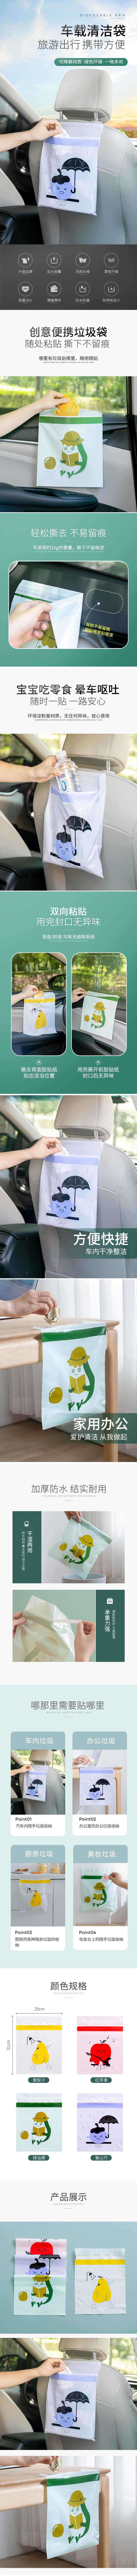 清洁袋垃圾袋塑料袋详情页